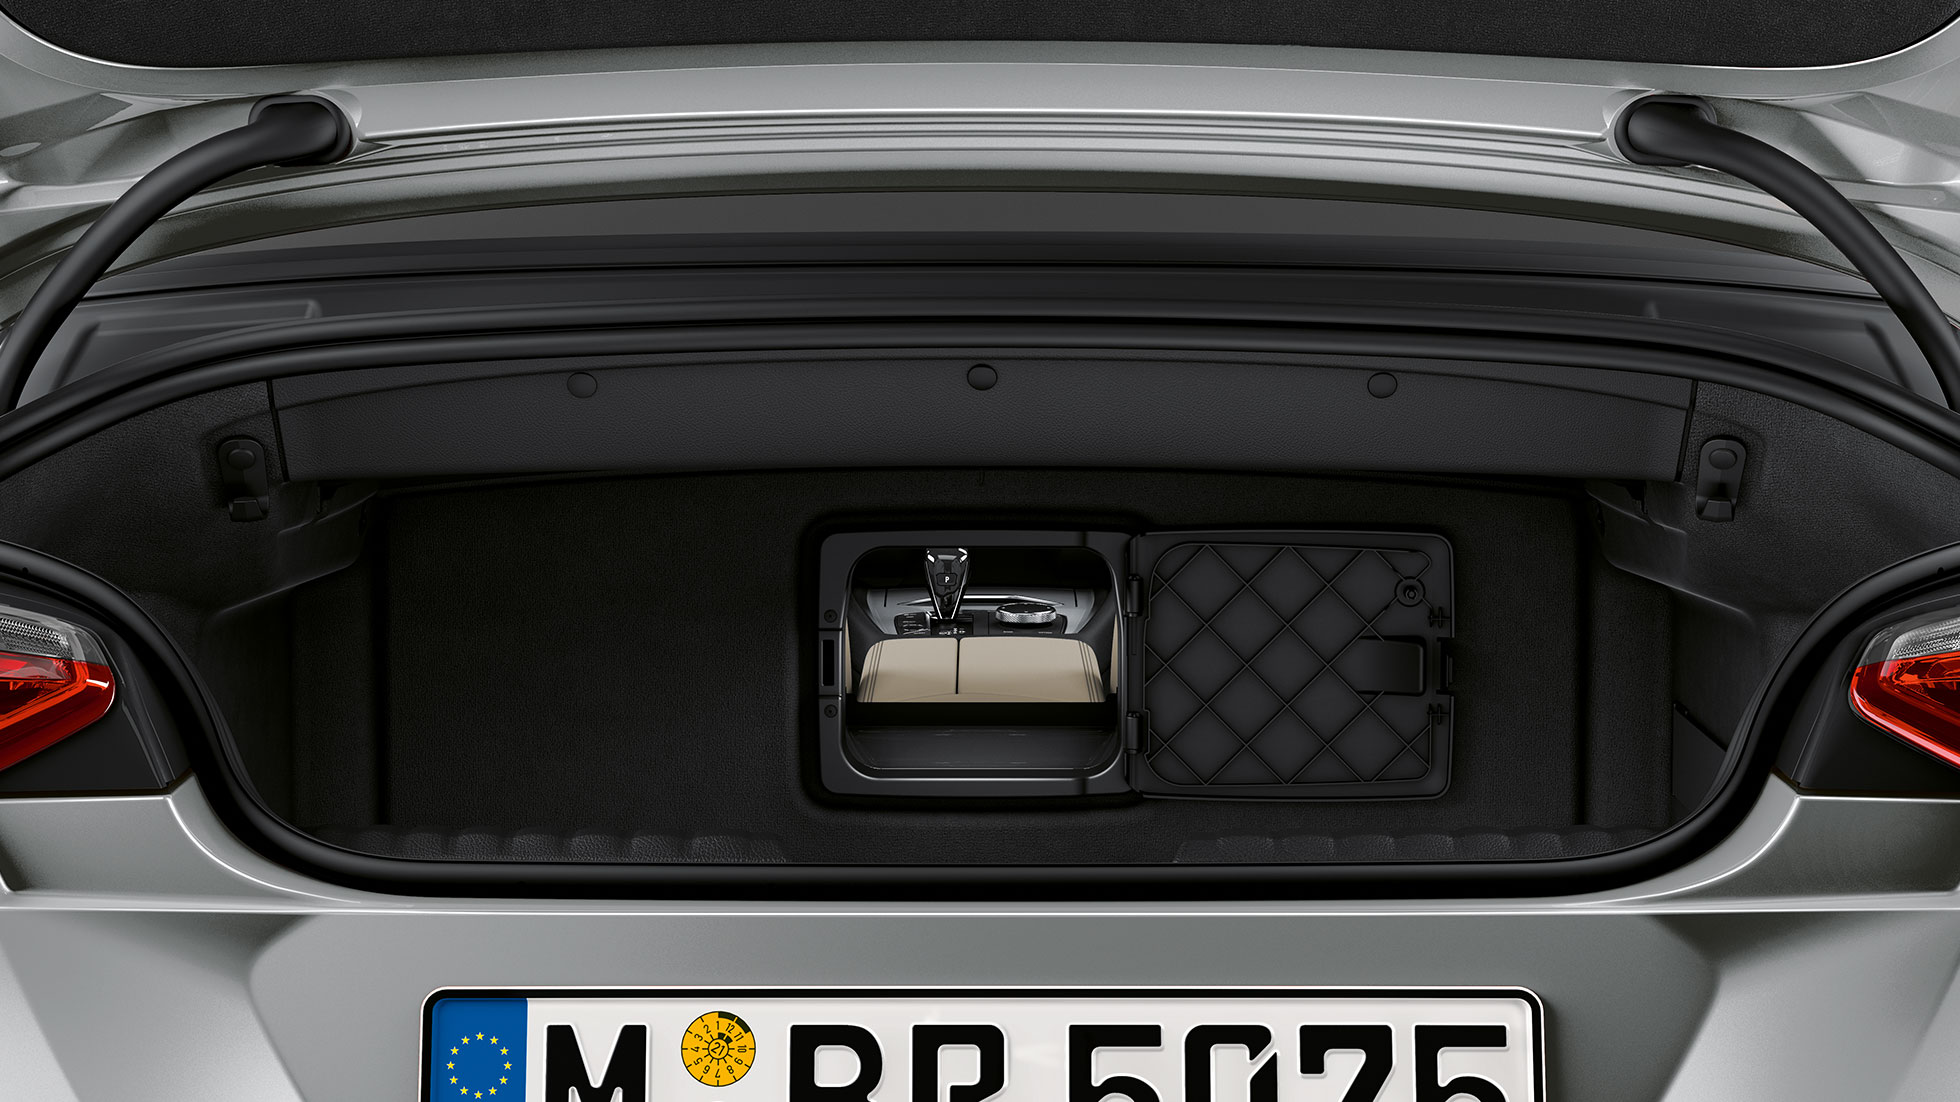 Bmw Z4 Roadster Informationen Und Technische Daten Bmwde